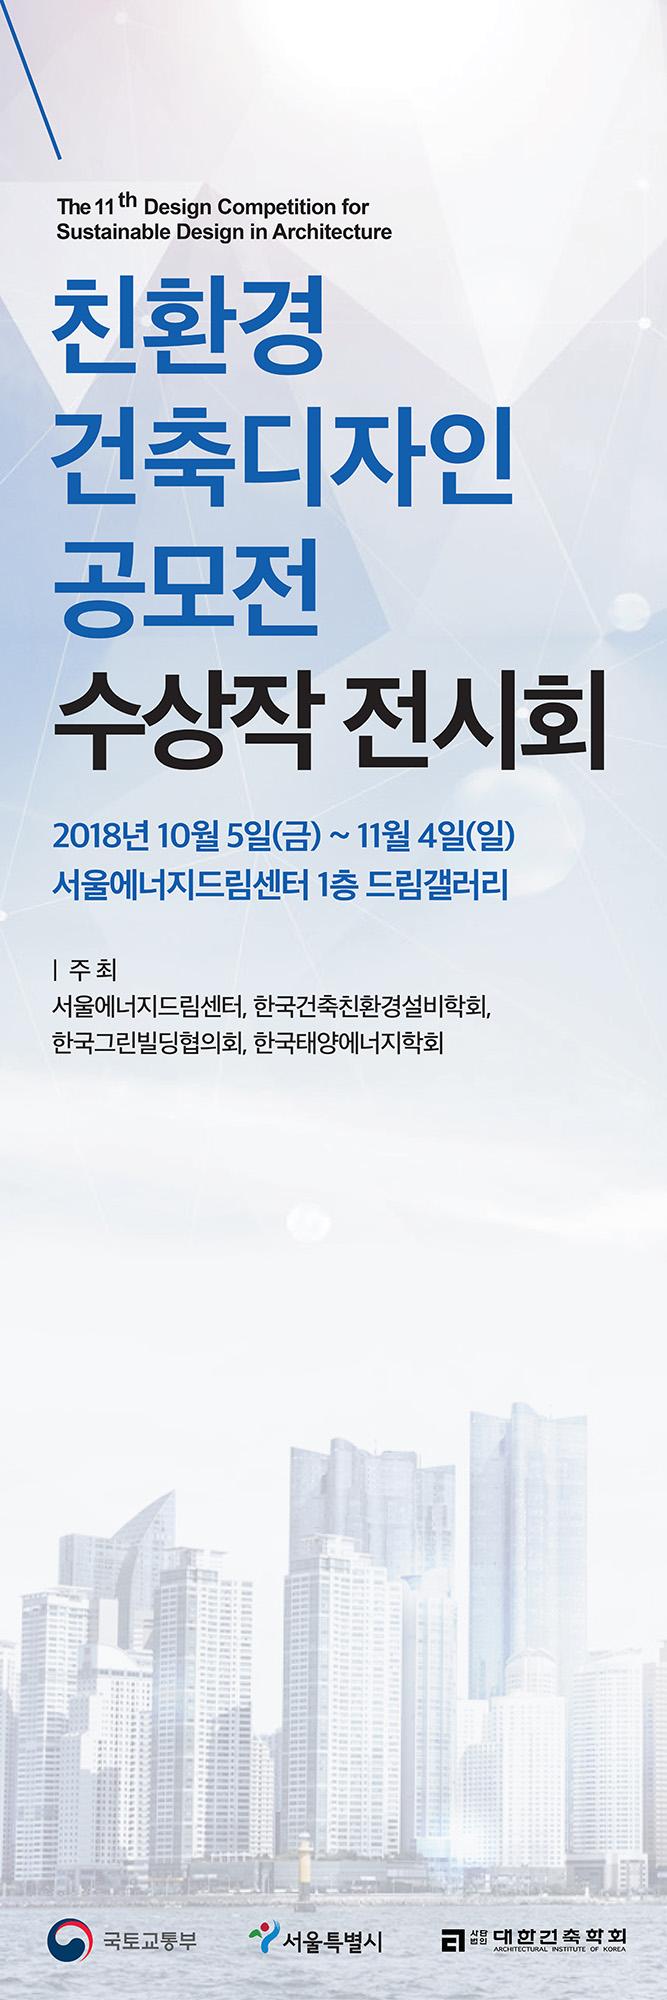 서울에너지드림센터, 제11회 친환경건축디자인공모전 수상작 전시